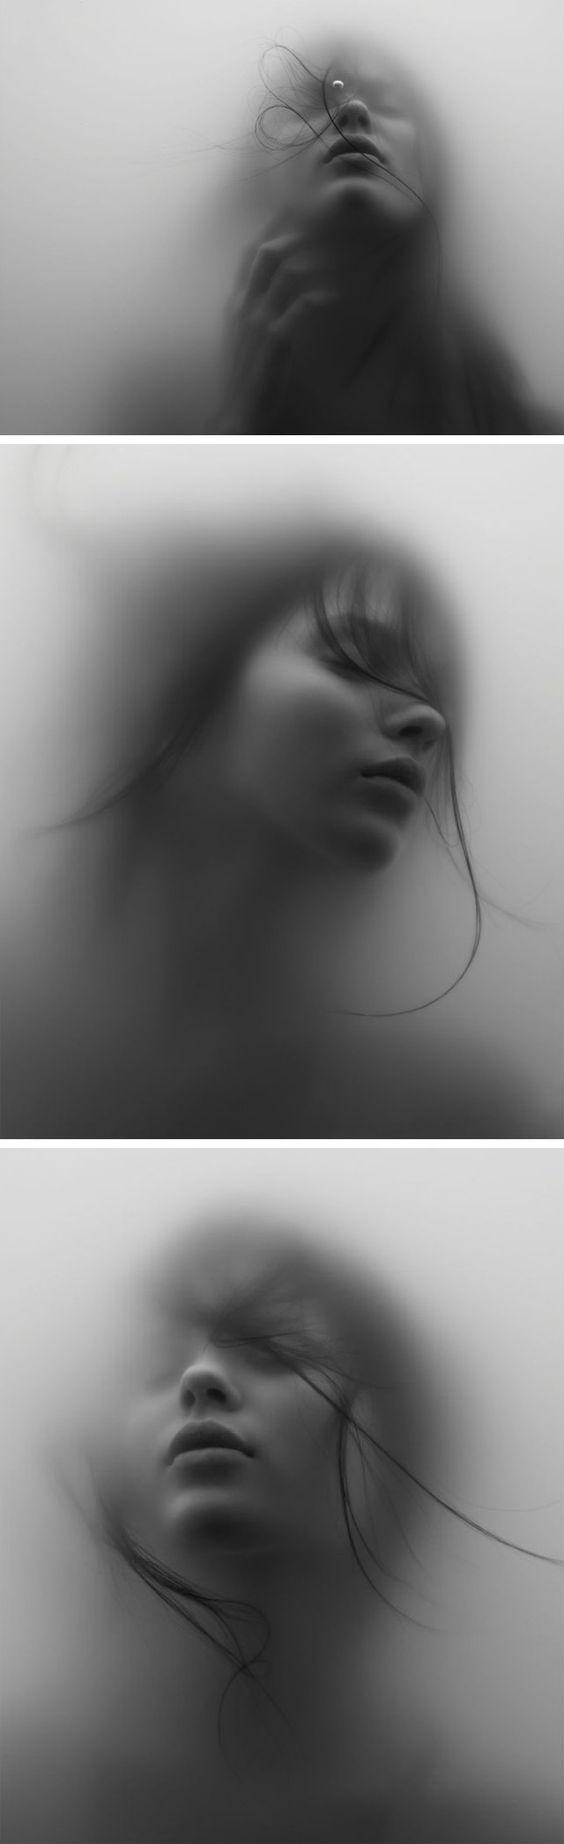 Der Nebel umfängt mich. Verschleichert meinen Verstand. Kann ich jemals ausbrechen?